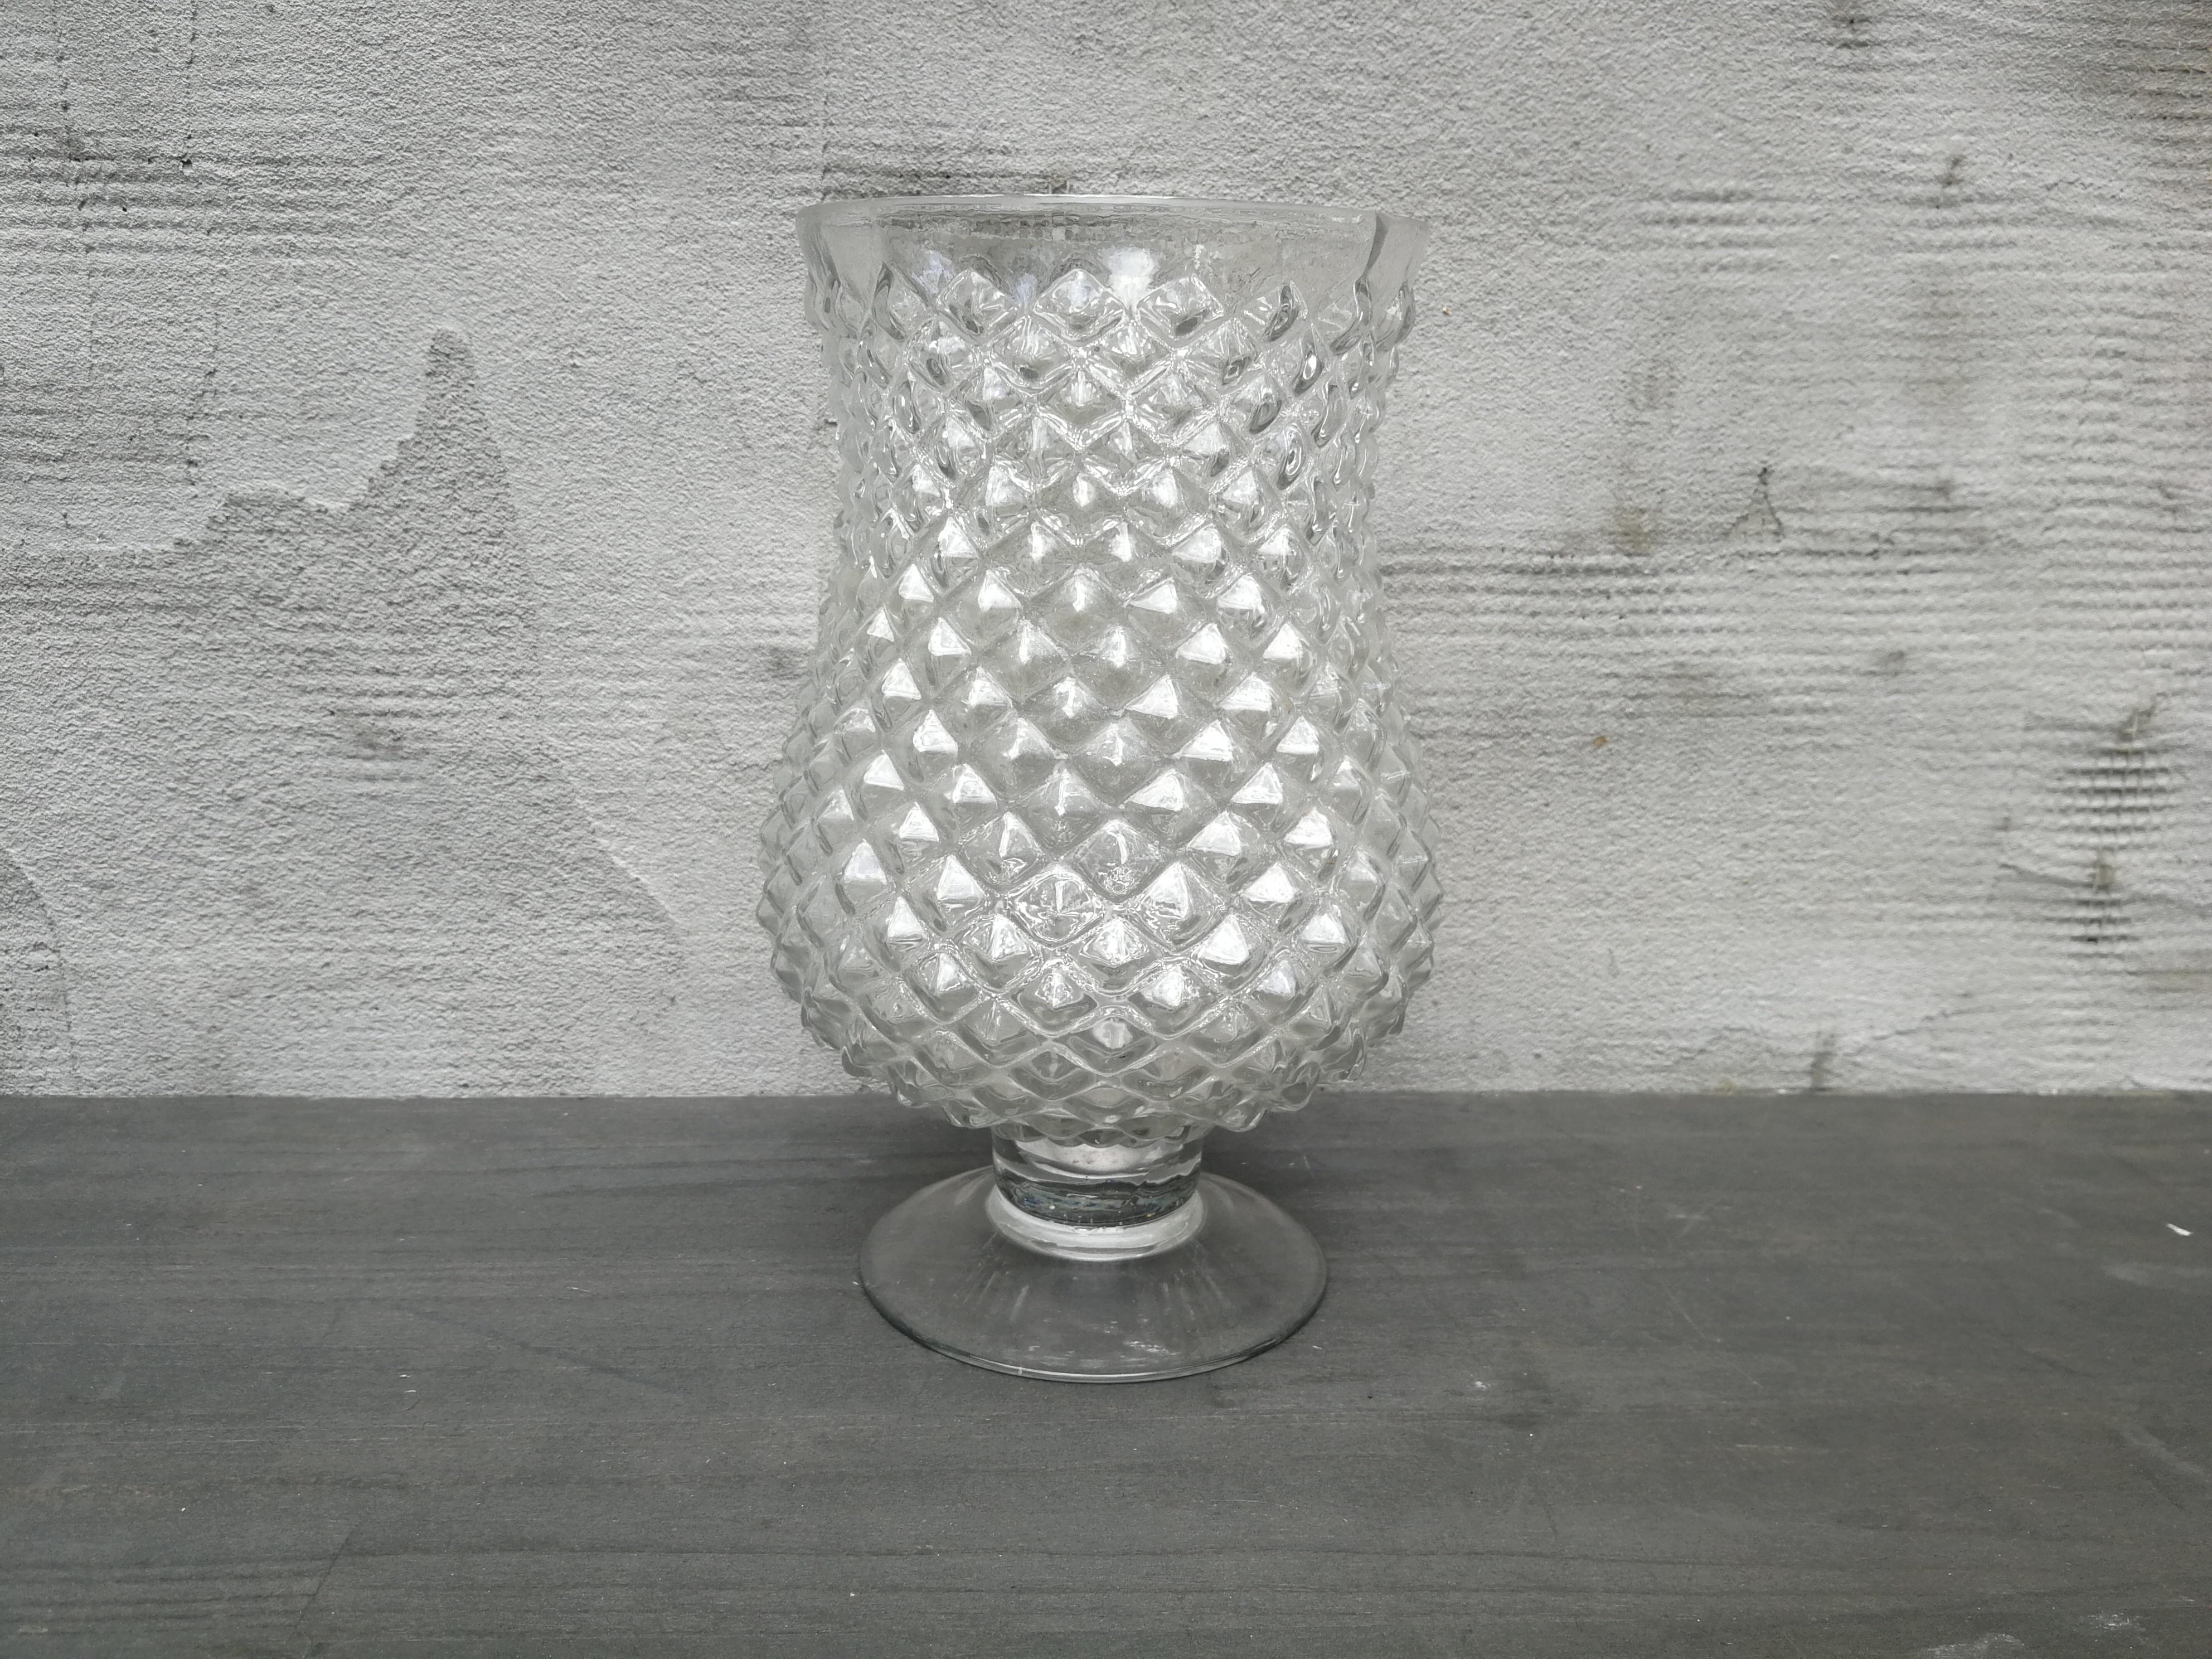 Grafininė vaza ant kojelės (Vz-10)